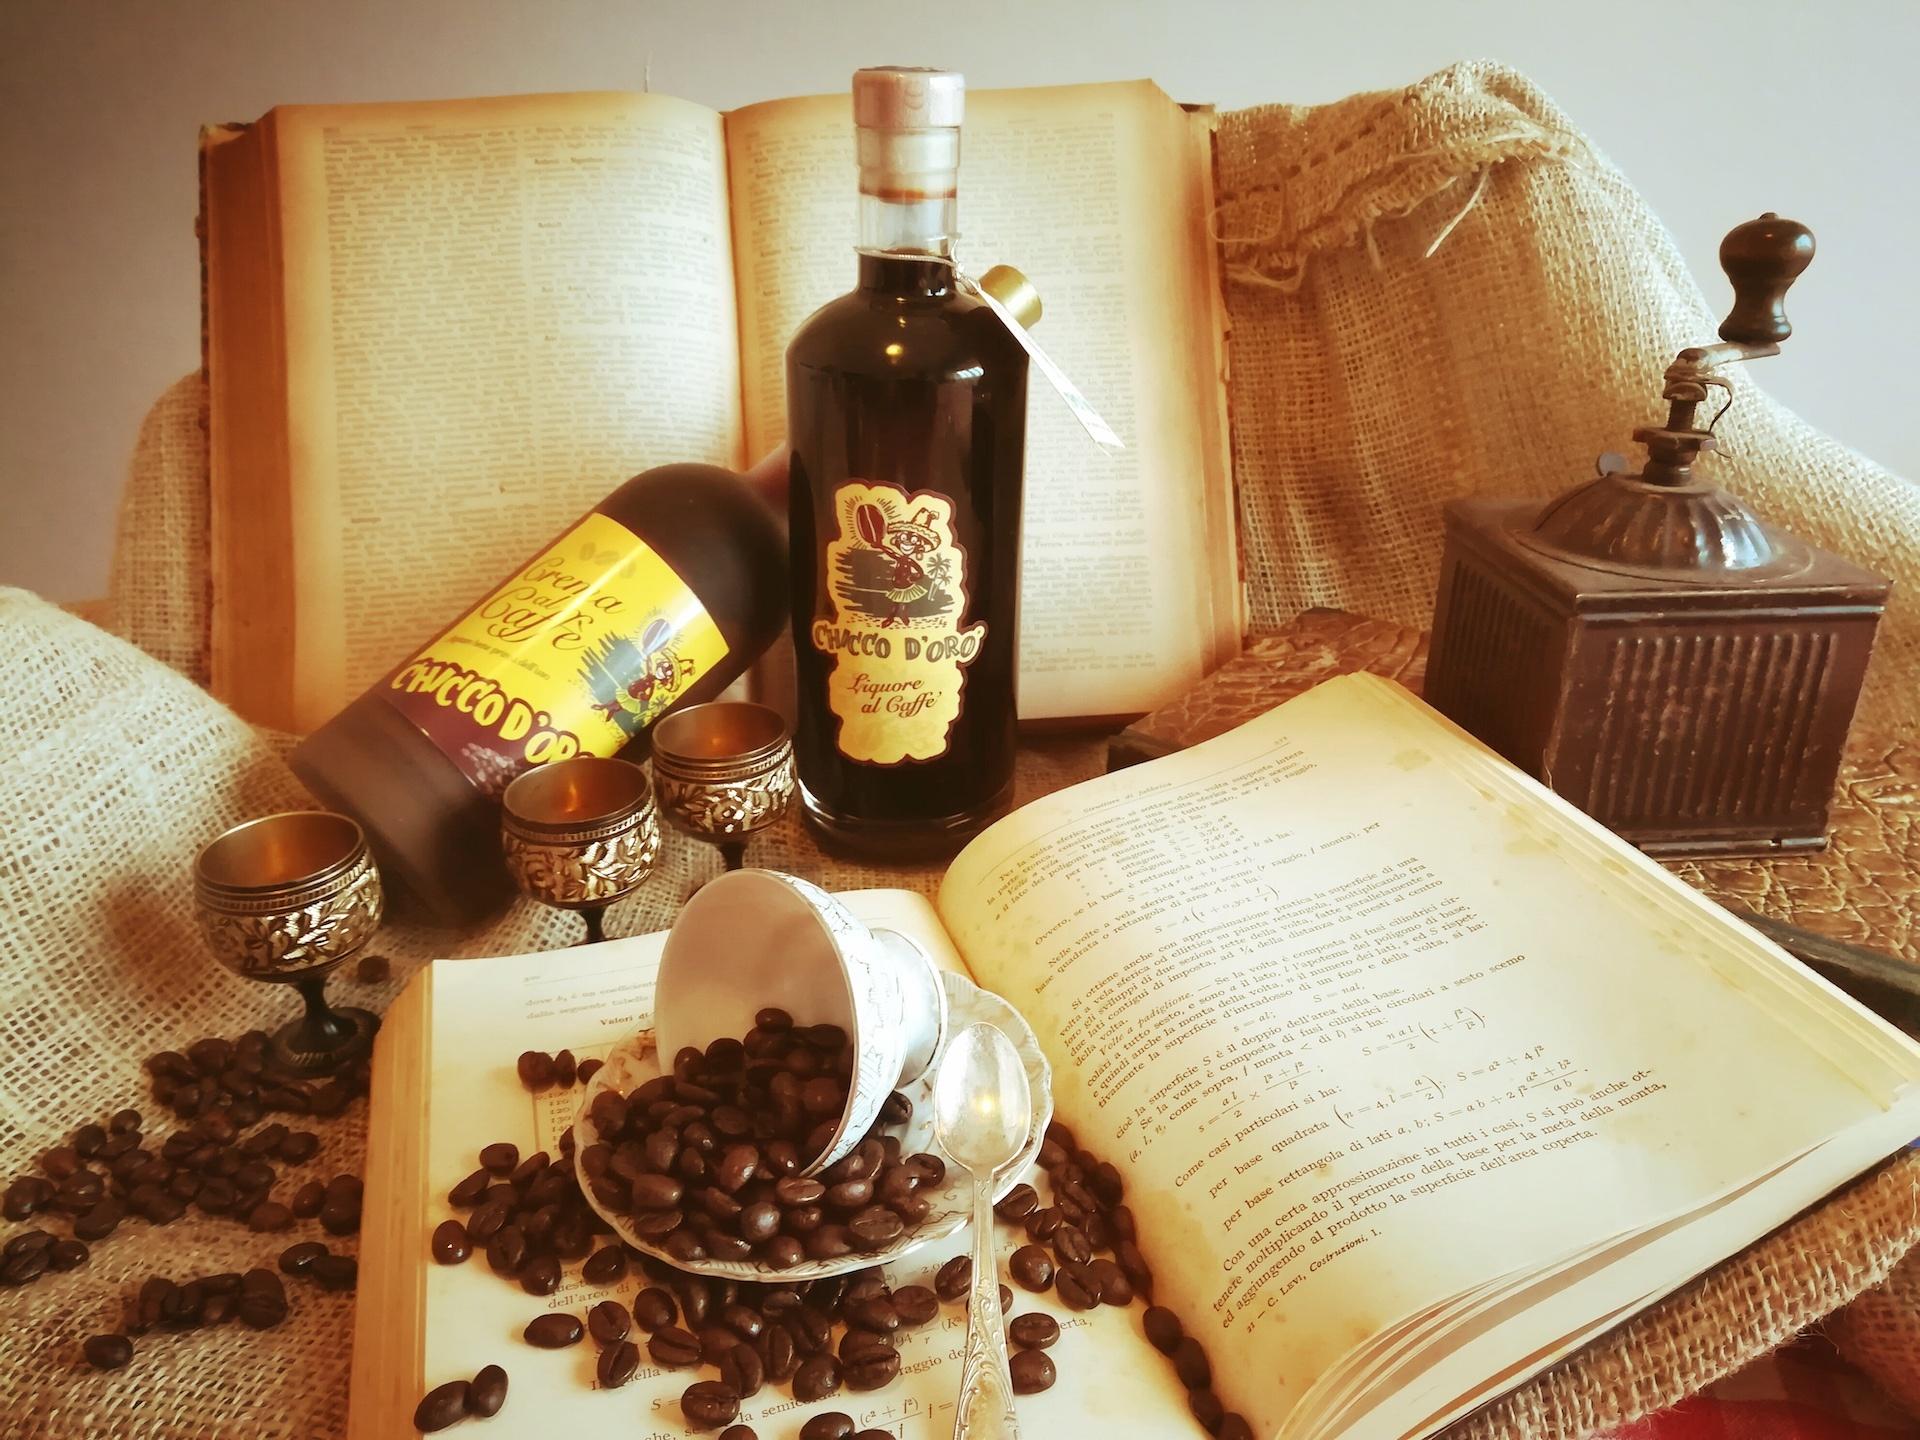 Caffè Torrefazione Chicco D'Oro | I Nostri Prodotti - Liquori